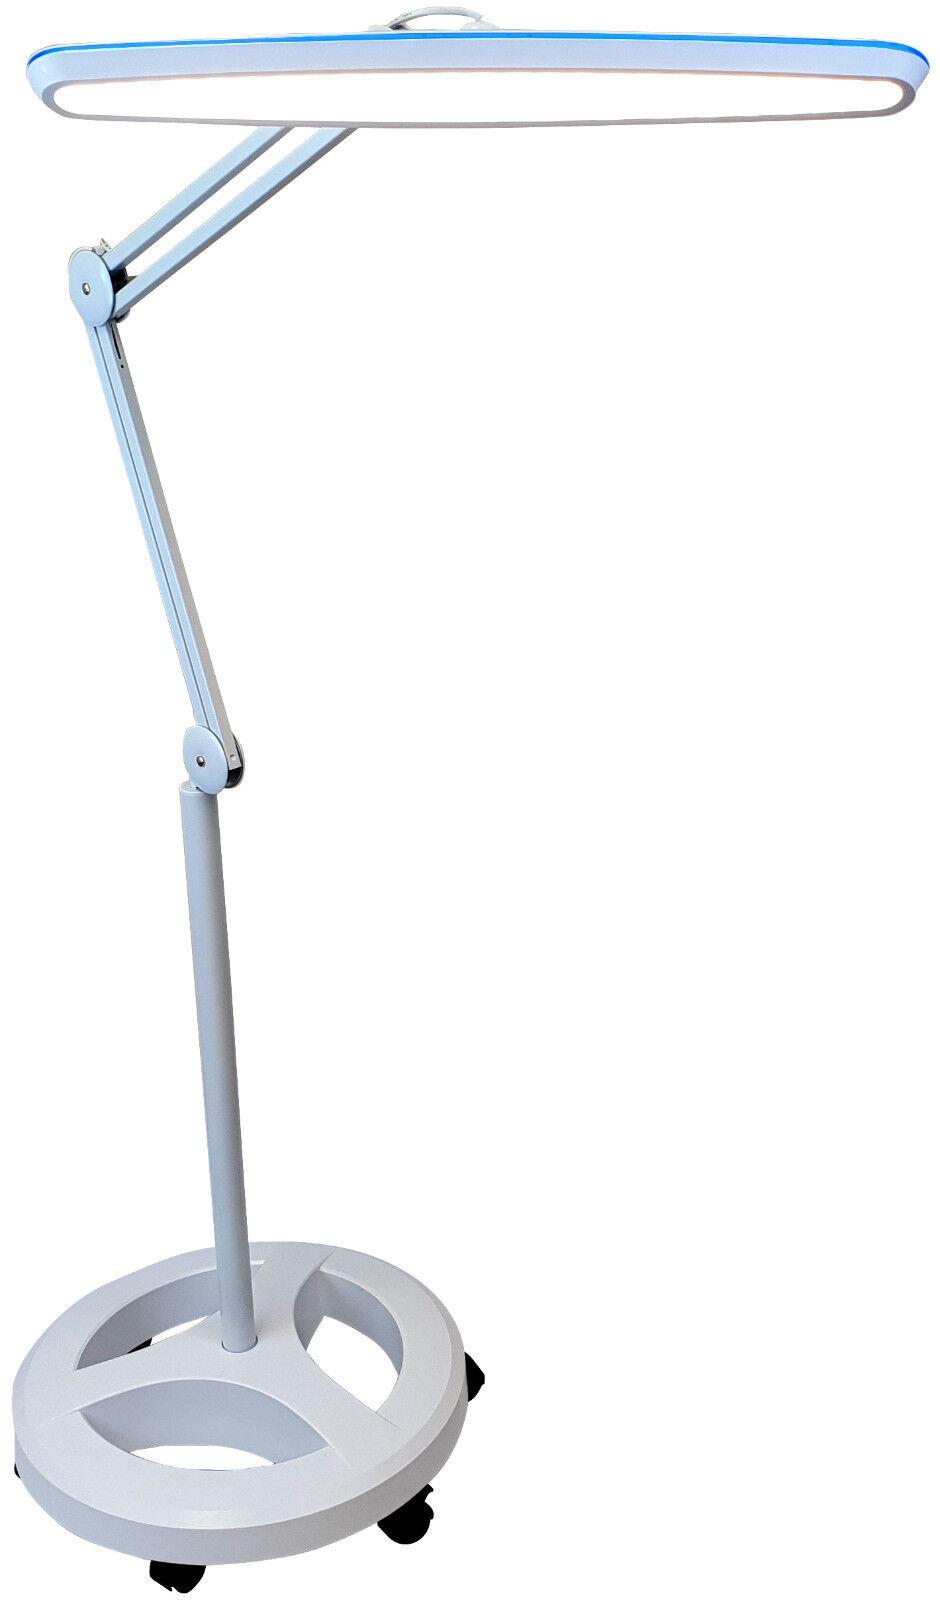 LED Arbeitsleuchte Arbeitslampe Arbeitslampe Arbeitslampe Arbeits Leuchte Lampe Dimmer 14-24W 3000-6000k   Zu einem niedrigeren Preis     8ea9d6